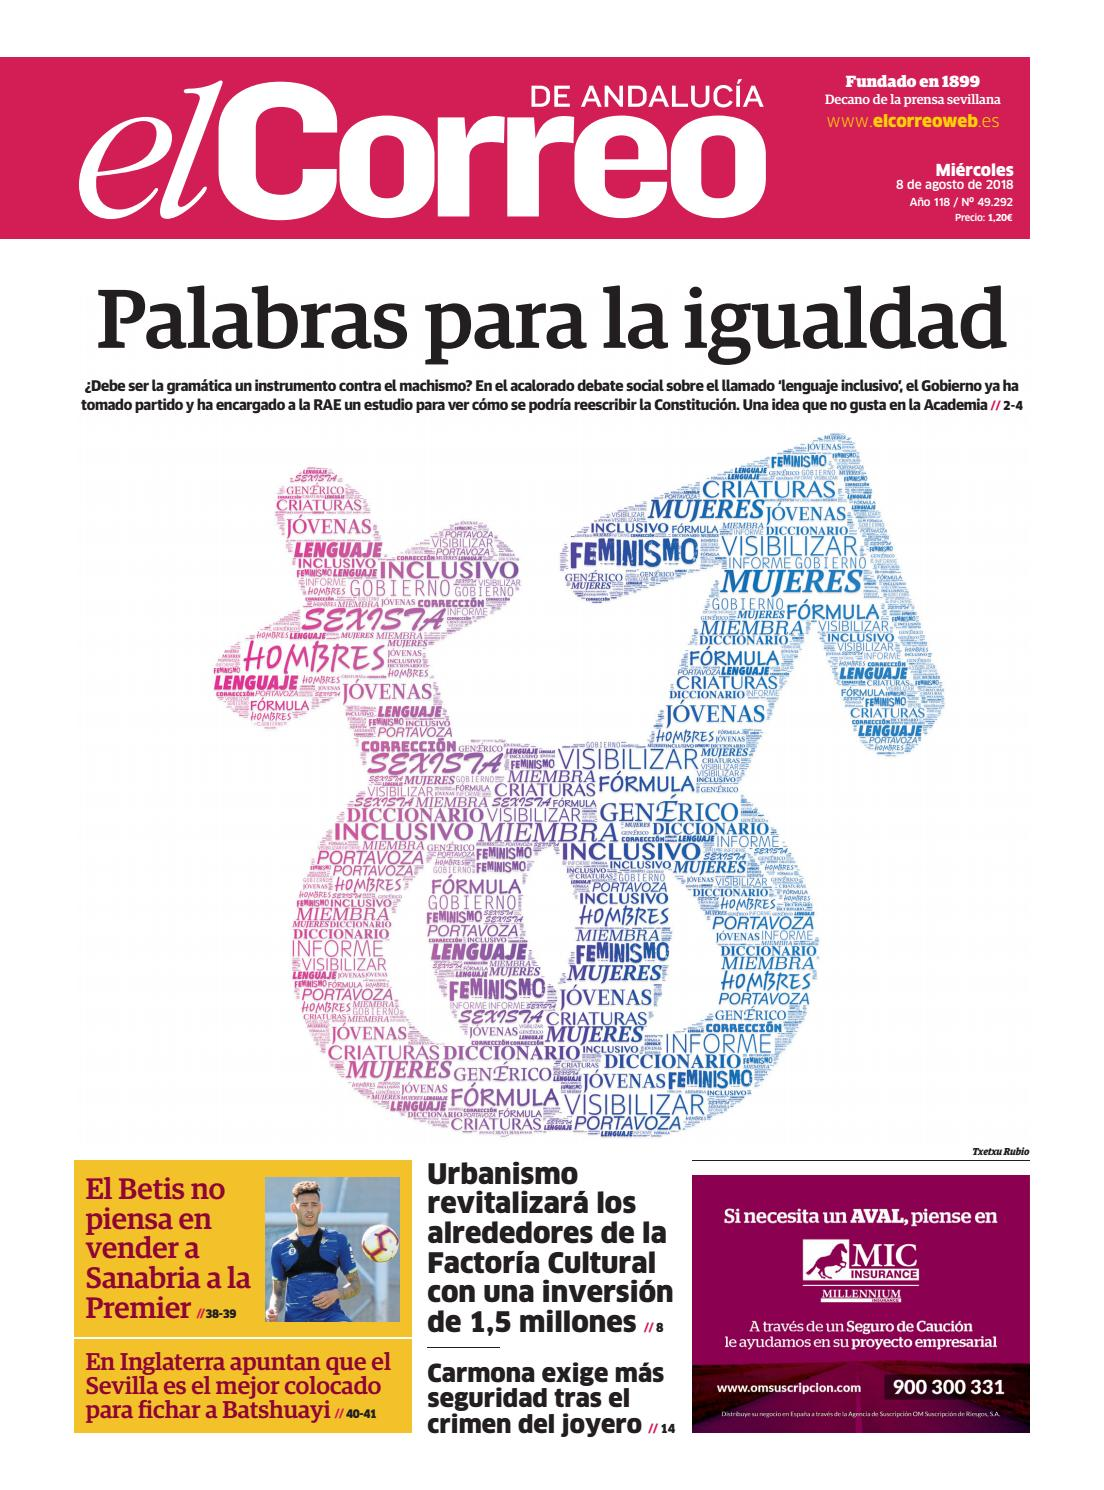 08.08.2018 El Correo de Andalucía by EL CORREO DE ANDALUCÍA S.L. - issuu bafd8012d06